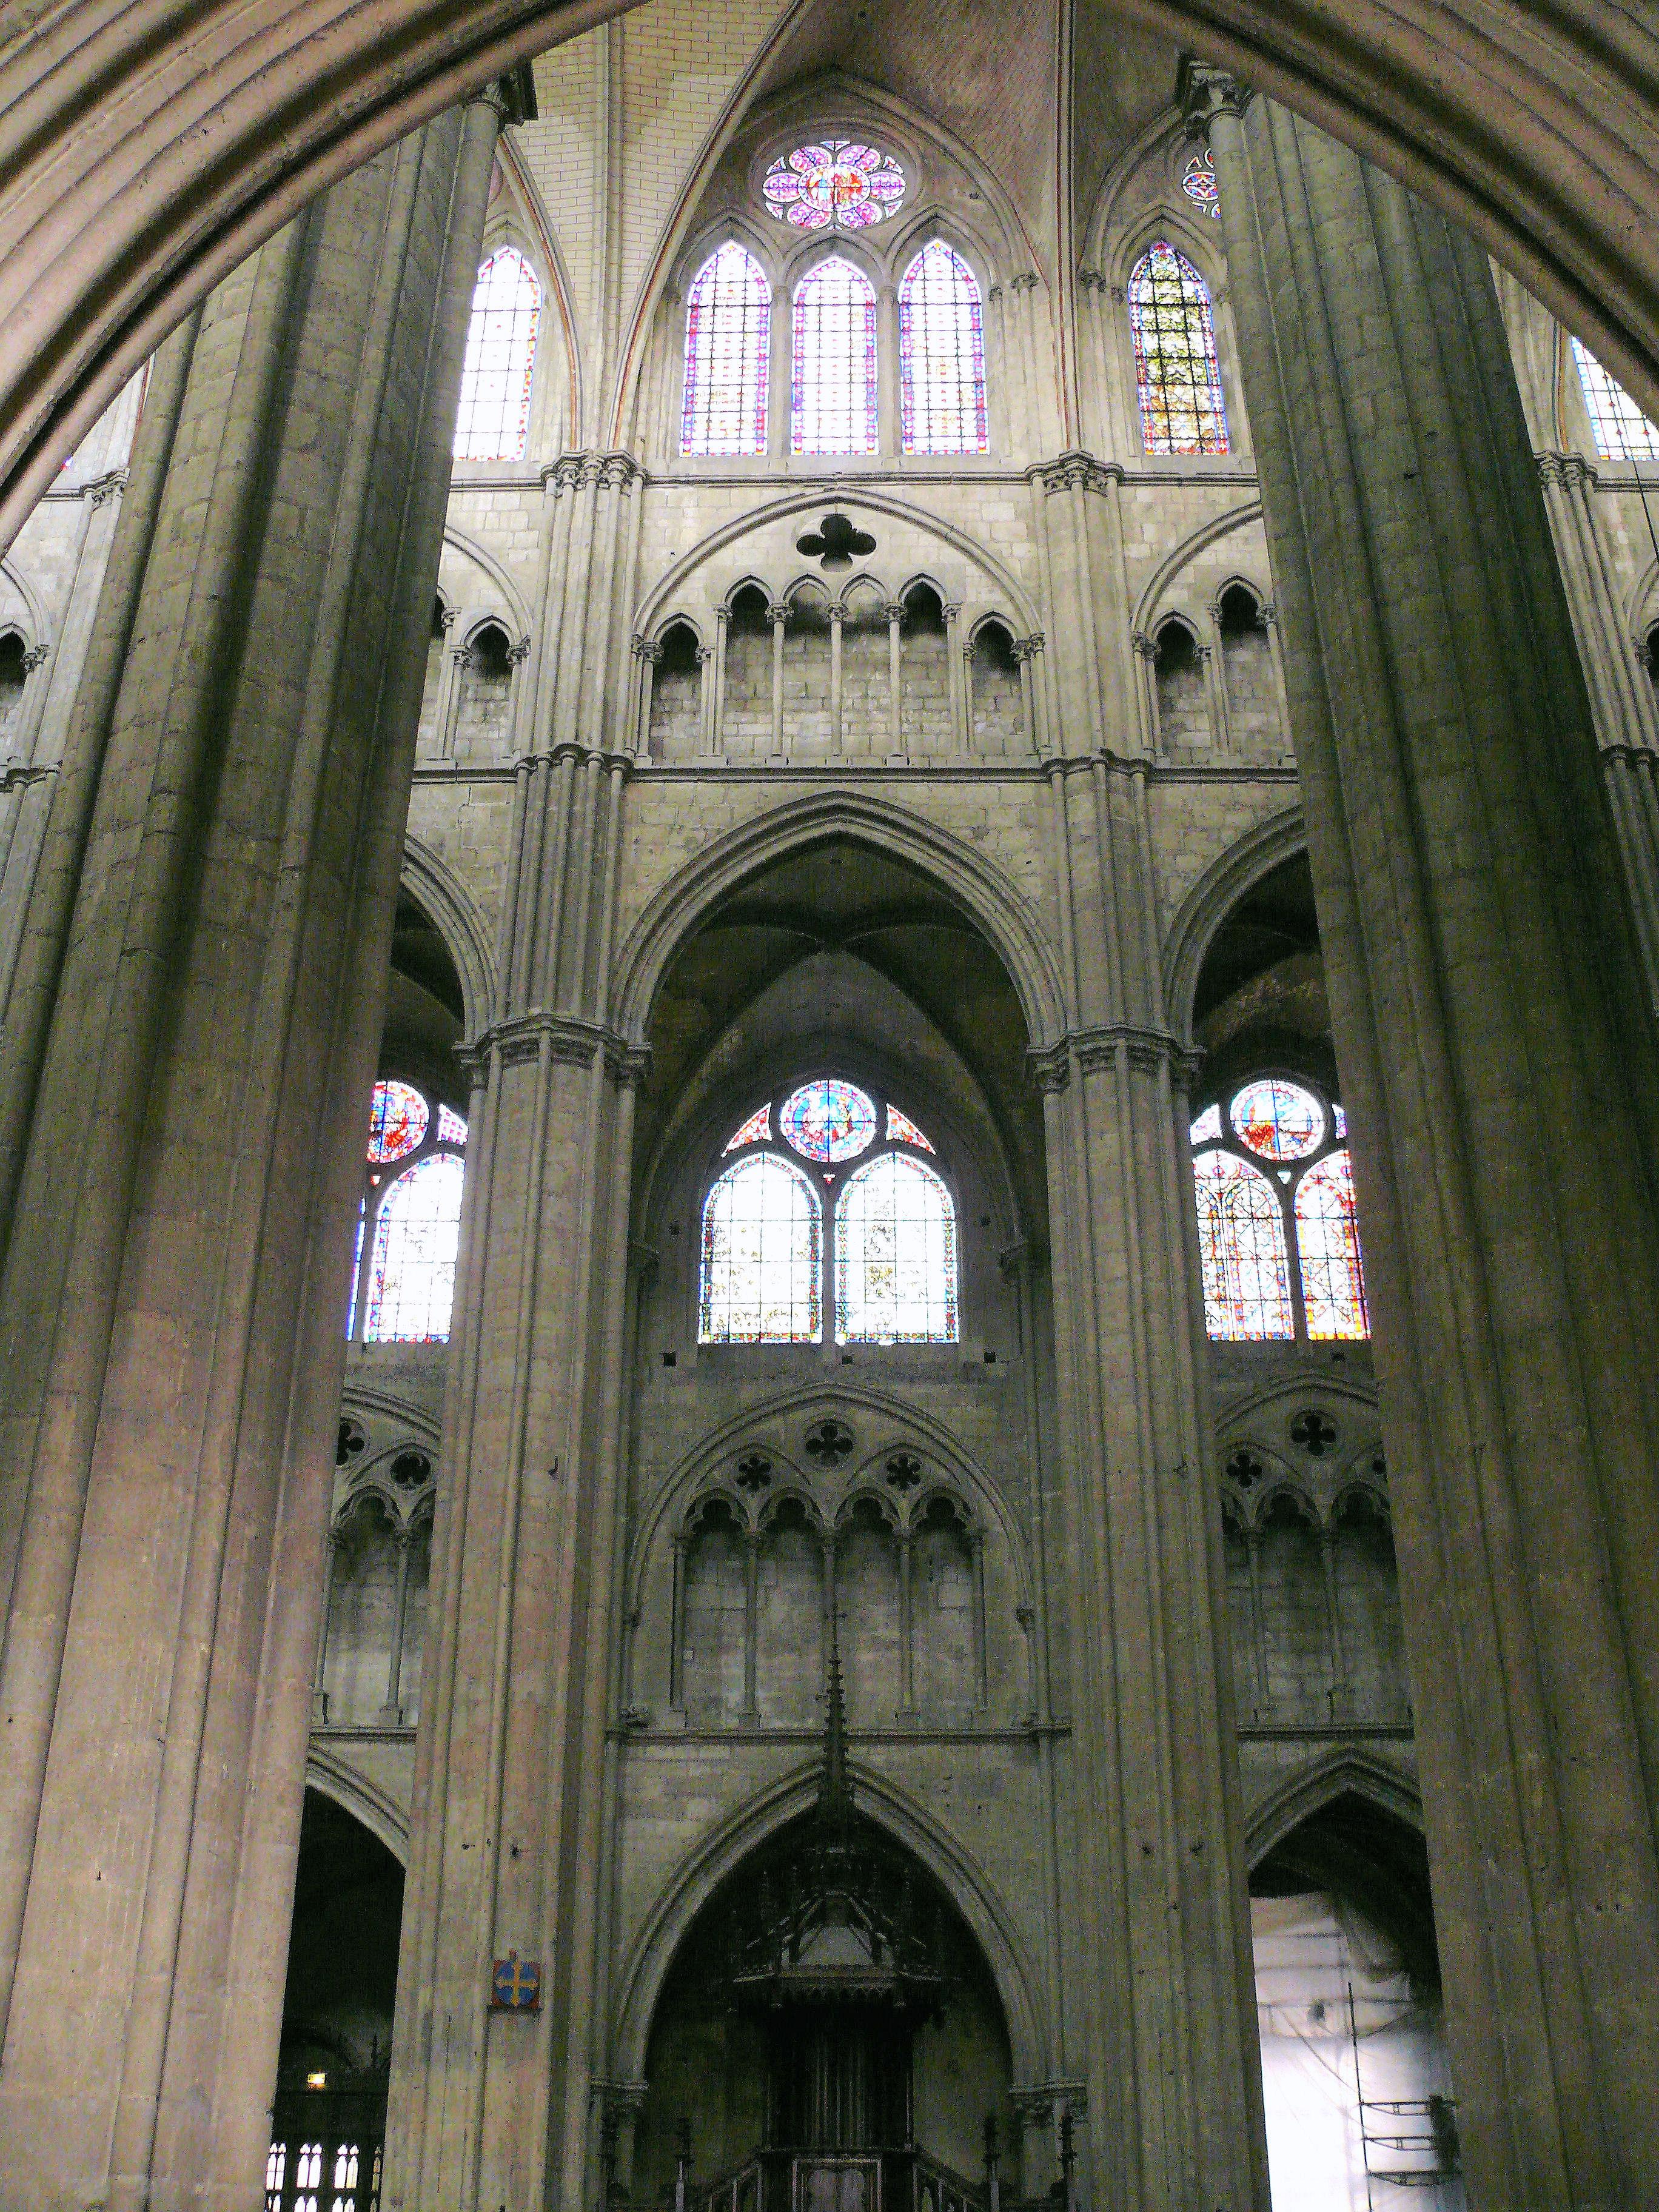 fichier:bourges - cathédrale - architecture -8 — wikipédia